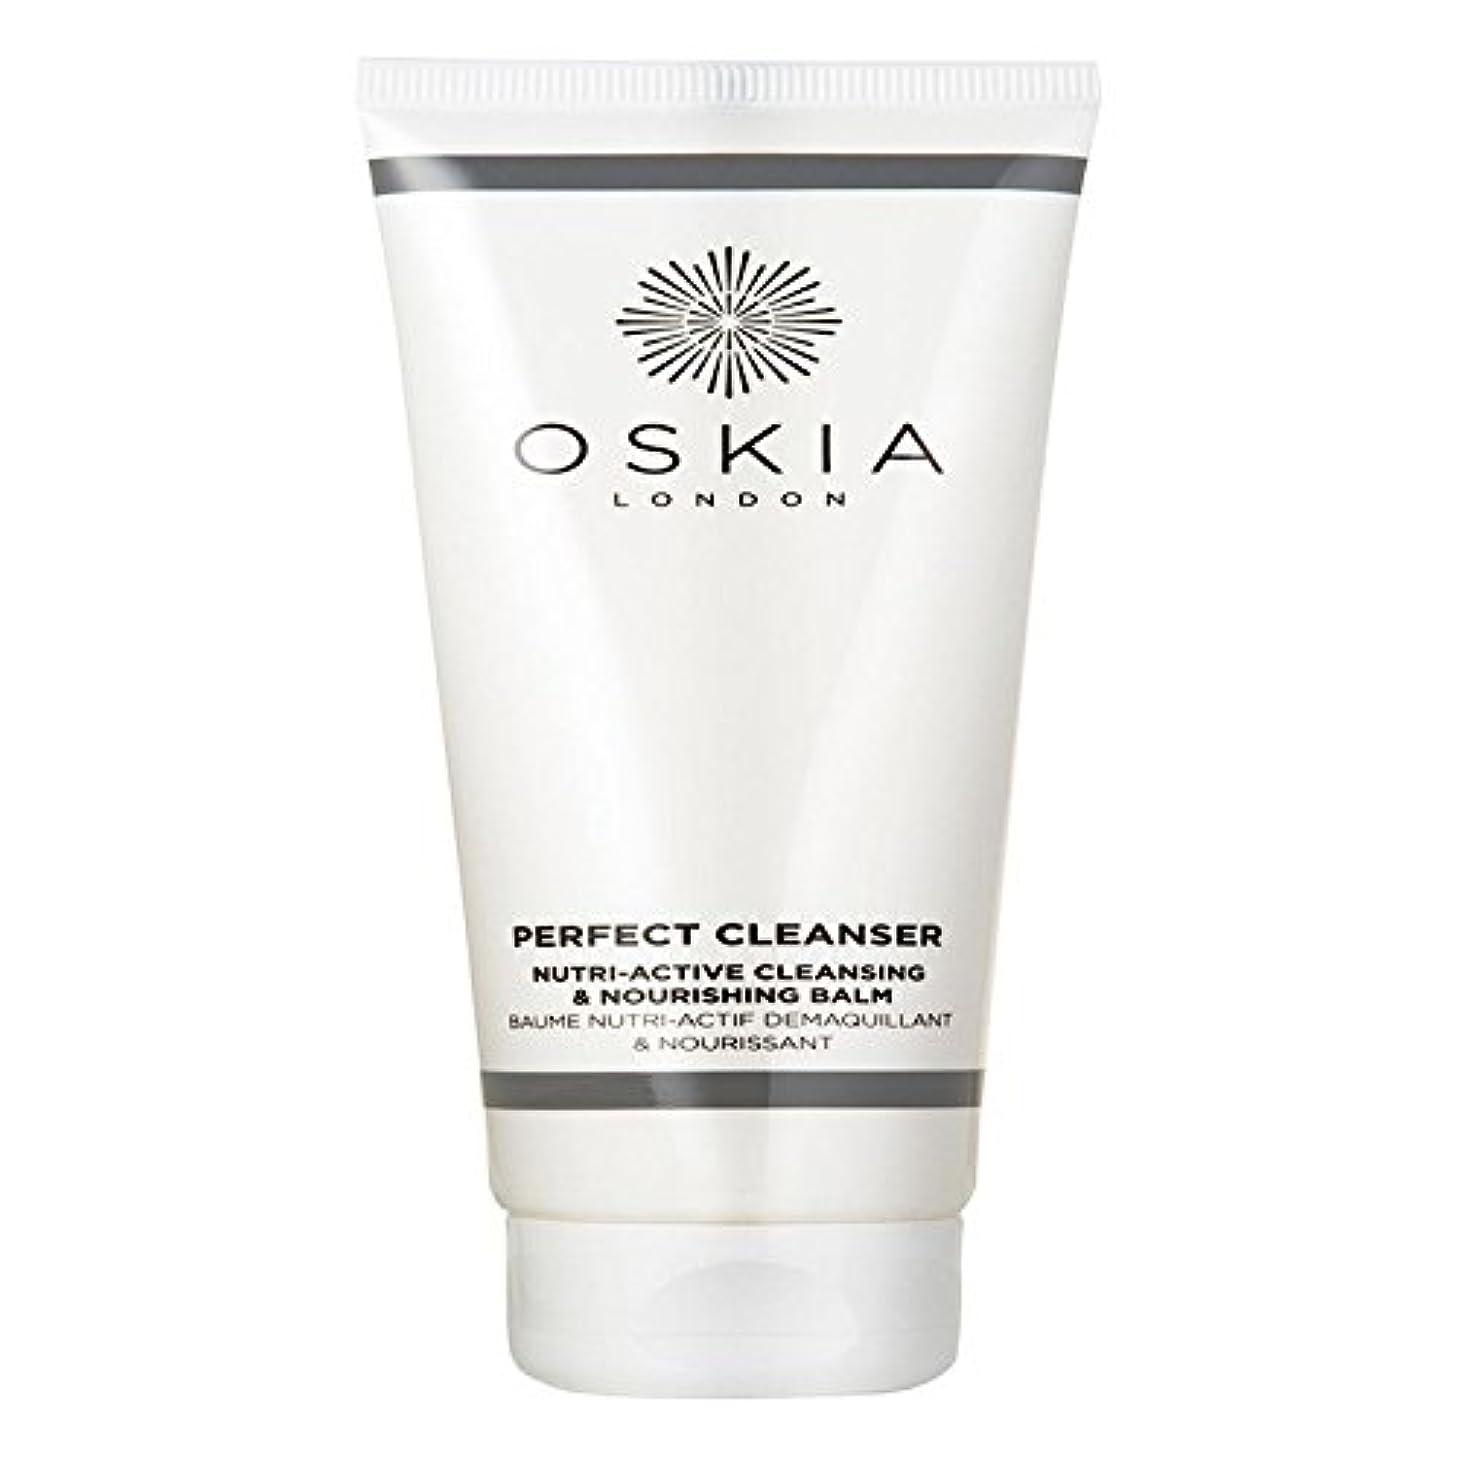 マーチャンダイザーセンブランス一生完璧なクレンザー125ミリリットル x2 - OSKIA Perfect Cleanser 125ml (Pack of 2) [並行輸入品]